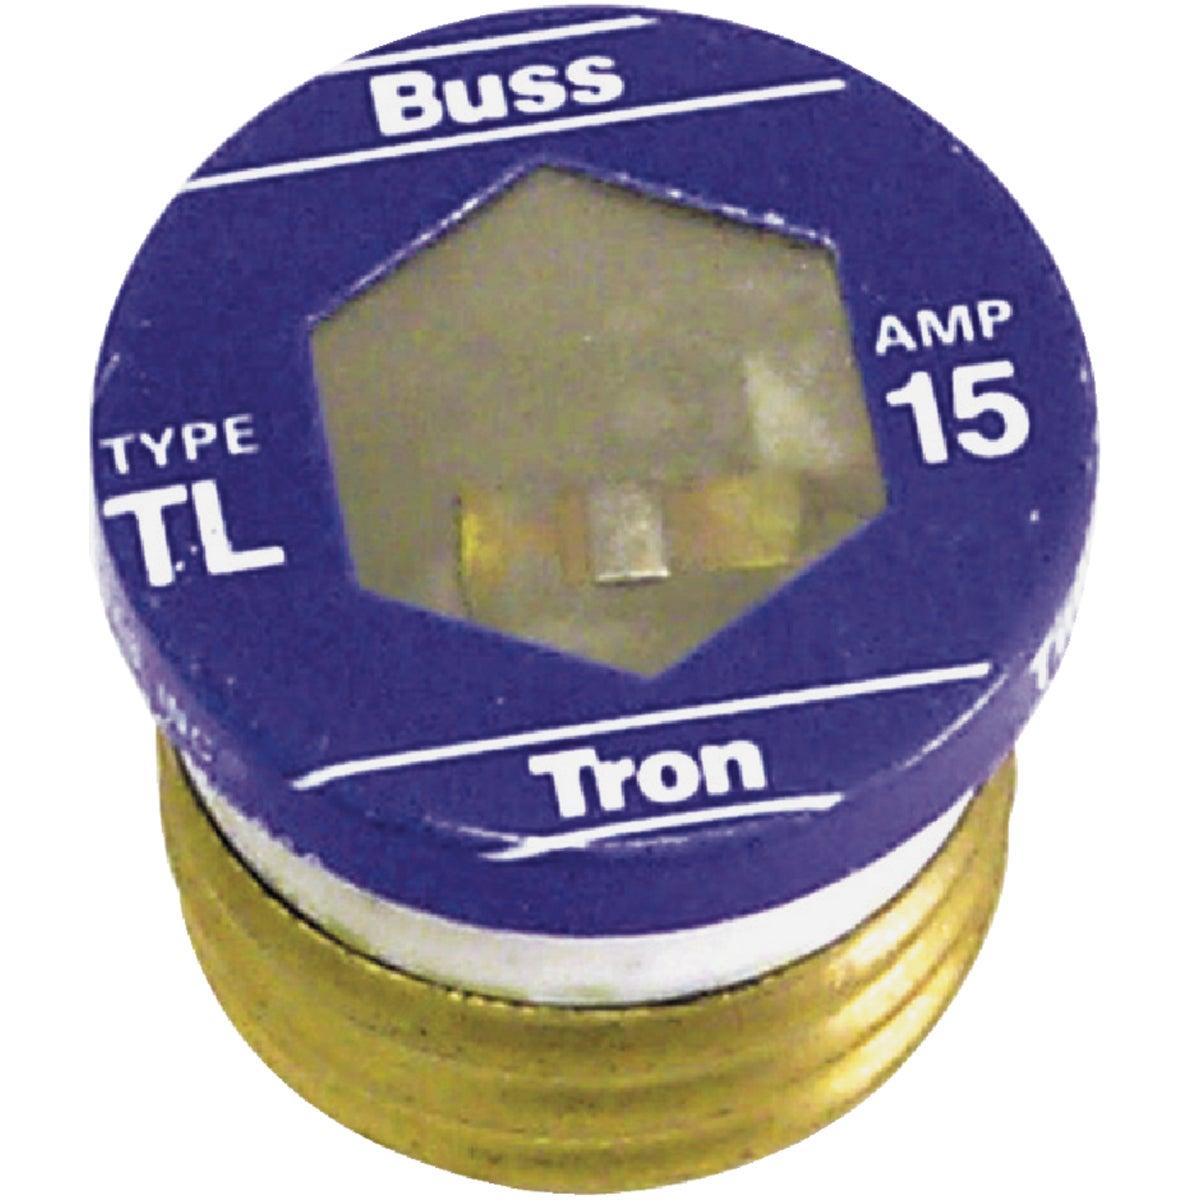 15A PLUG FUSE - TL-15 by Bussmann Cooper